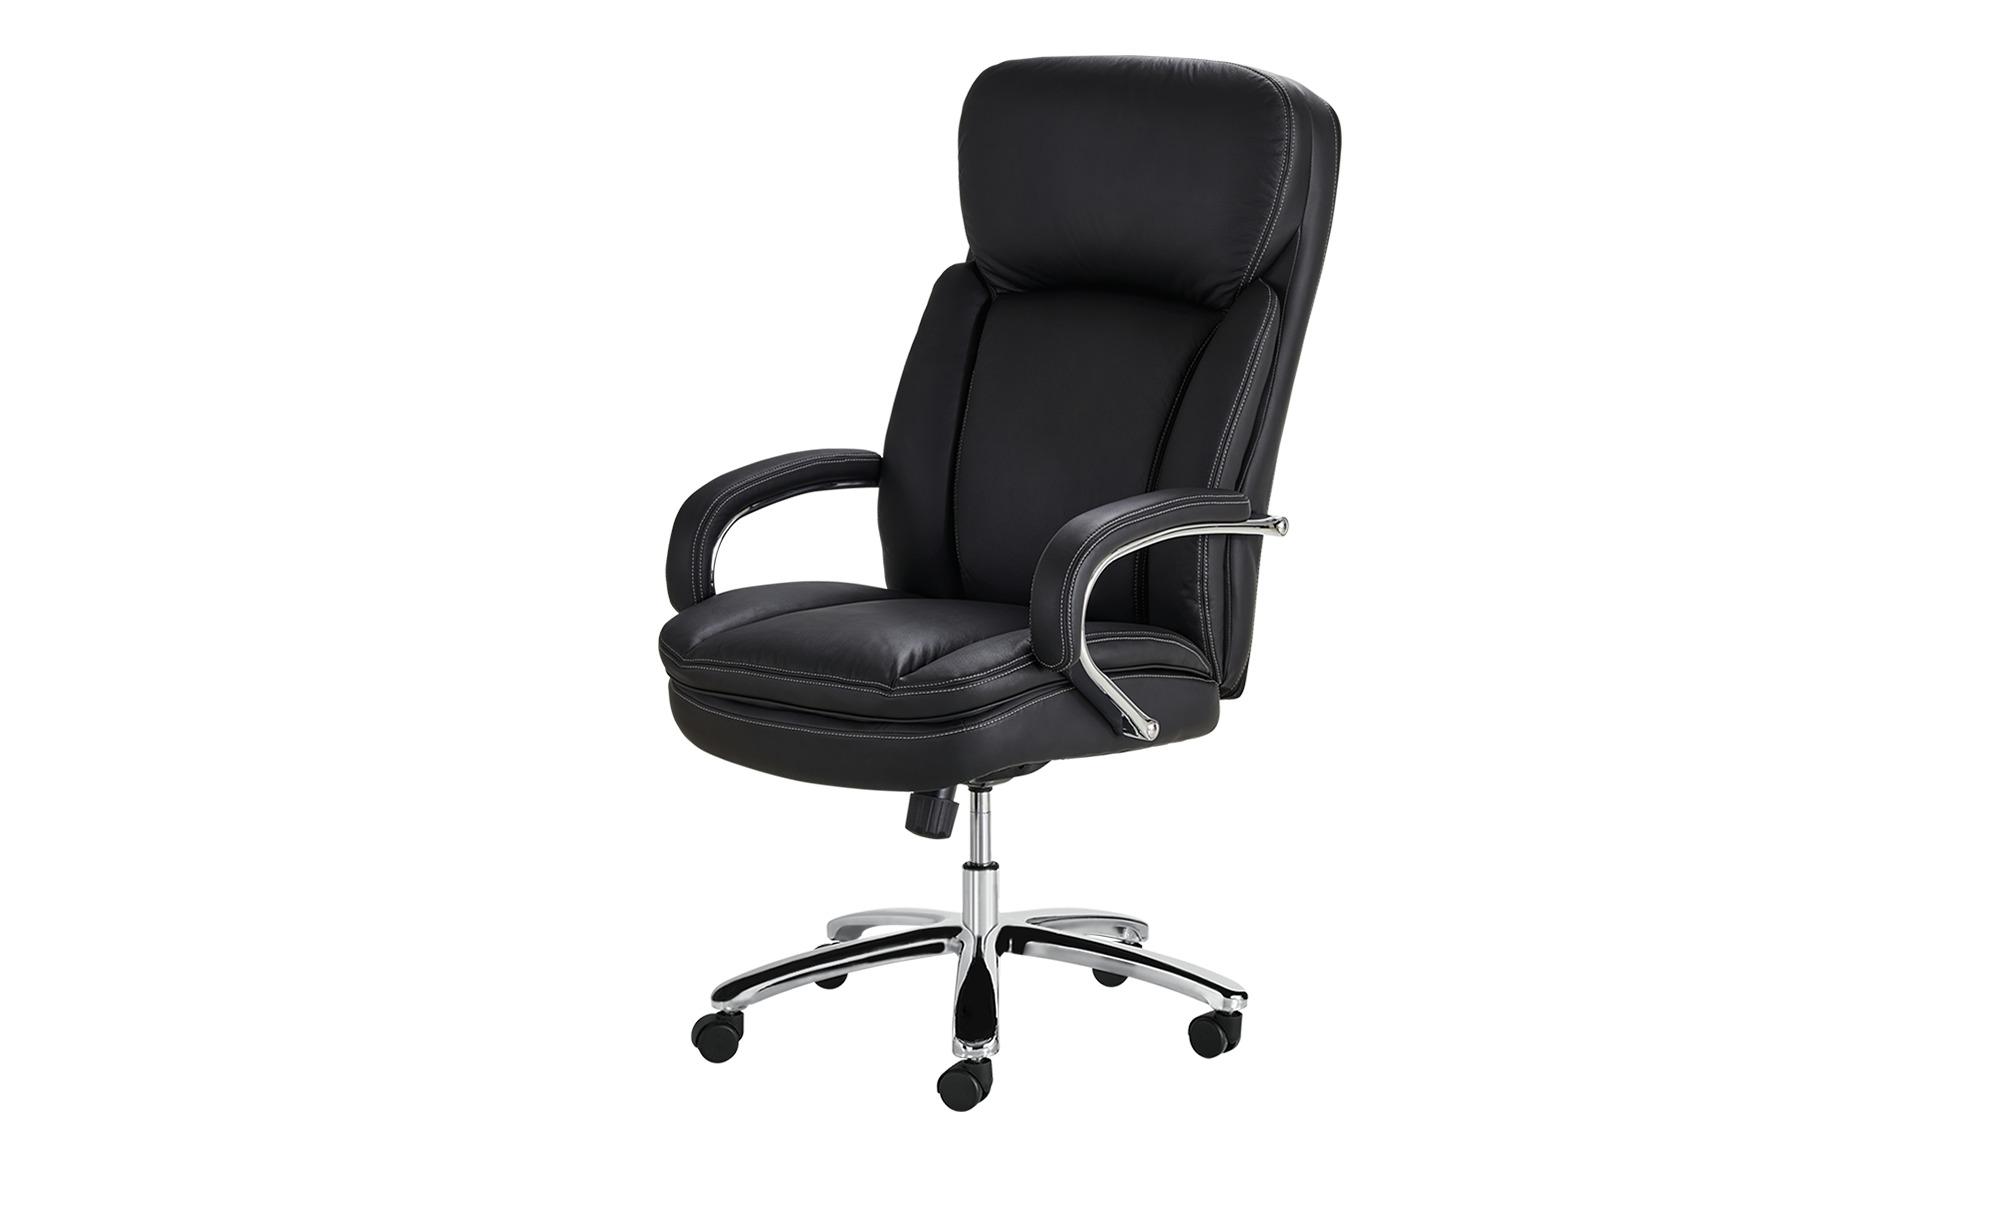 Komfort-Chefsessel - schwarz - Stühle > Bürostühle > Drehstühle - Möbel Kraft   Büro > Bürostühle und Sessel  > Chefsessel   Möbel Kraft